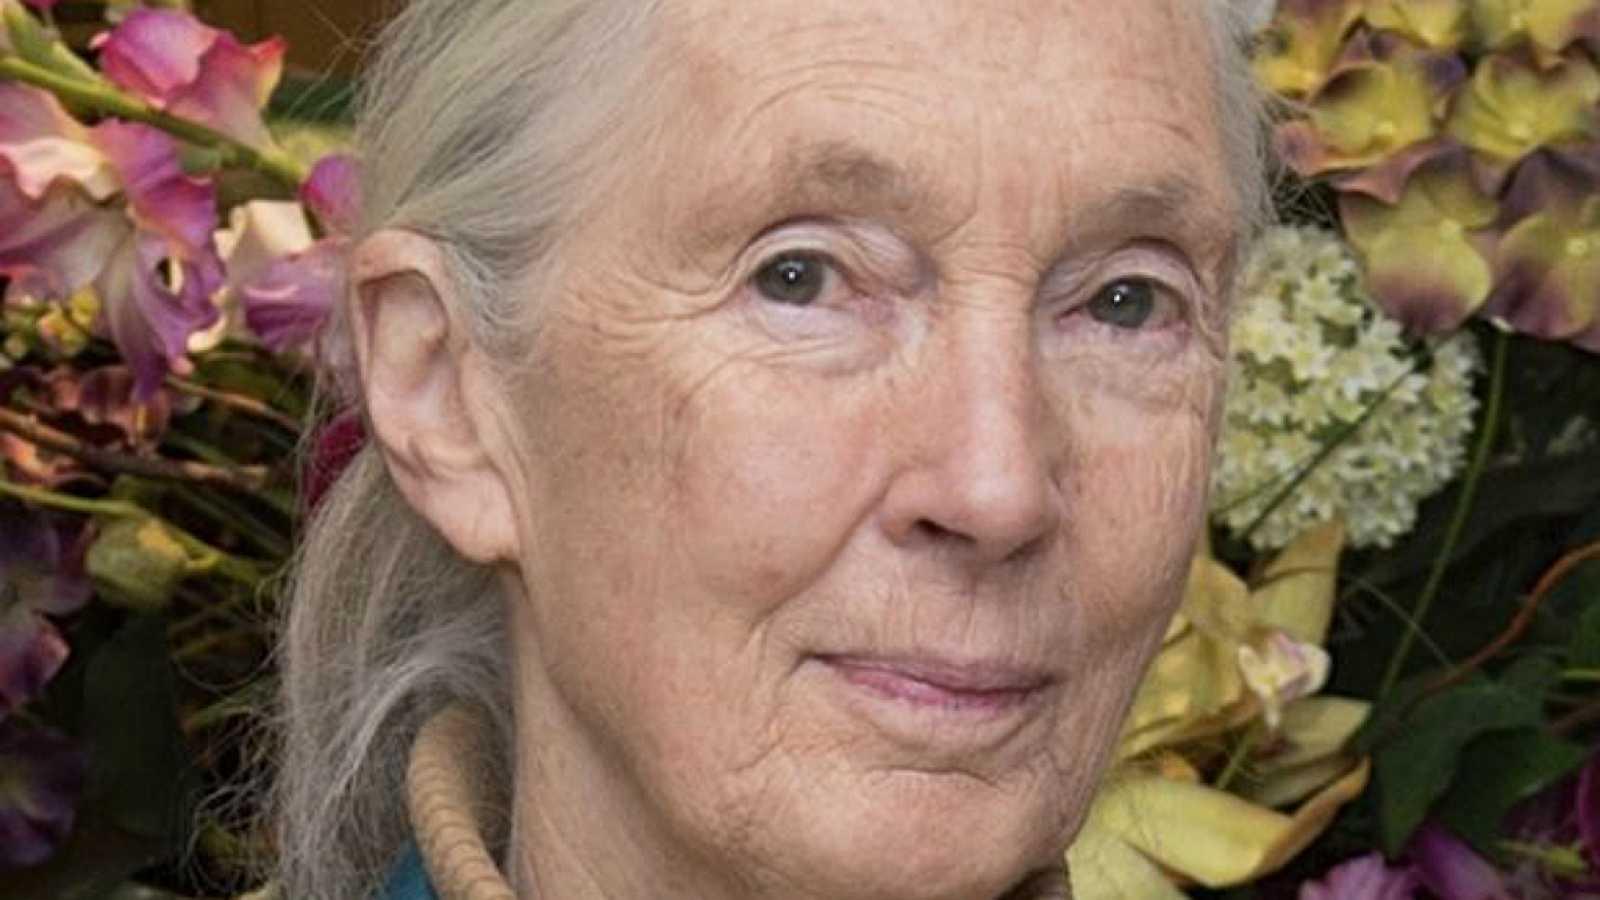 Canal Europa - Europeos que dejan huella (I): Jane Goodall - 09/10/18 - Escuchar ahora